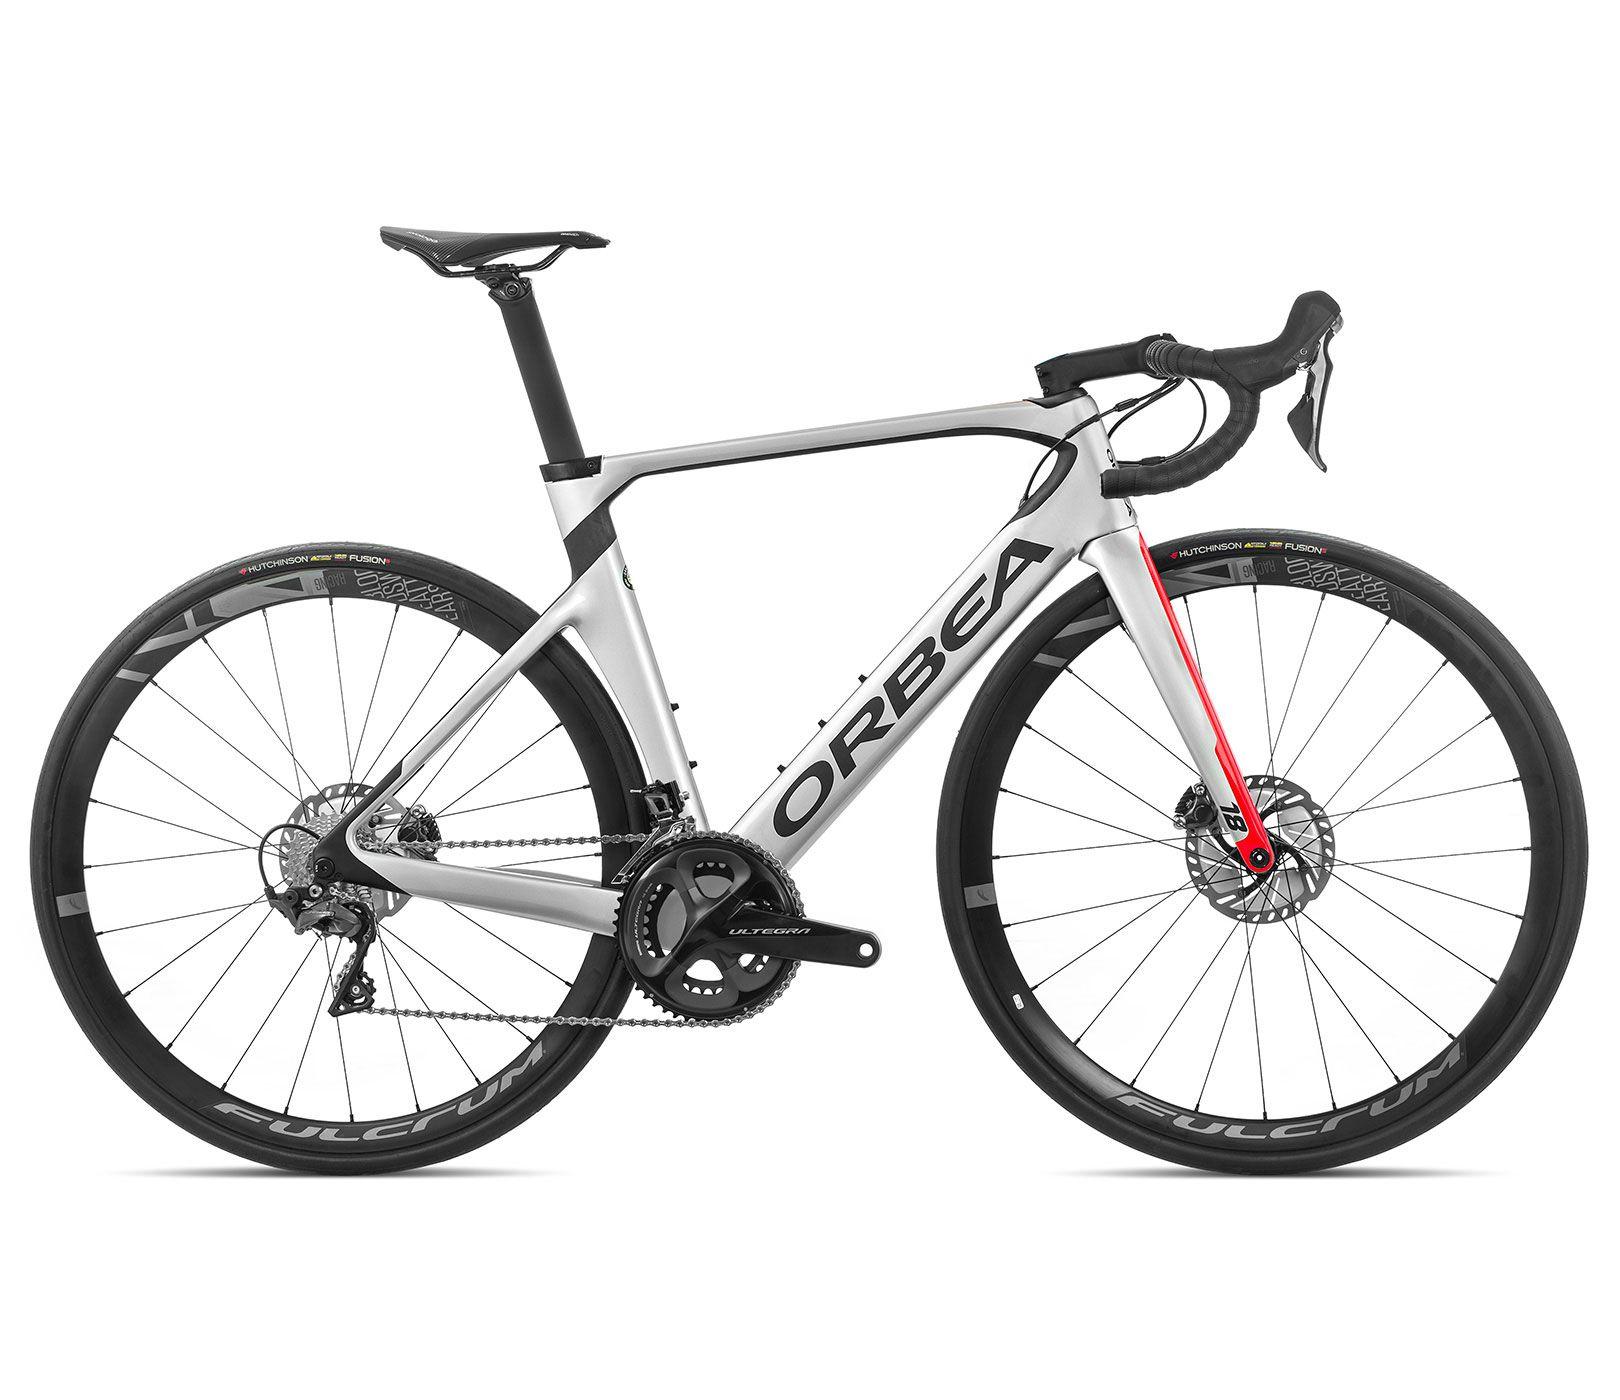 Bicicleta estrada Orbea Orca AERO M20 TEAM-D Tam 51 Prata/Verm - 2020